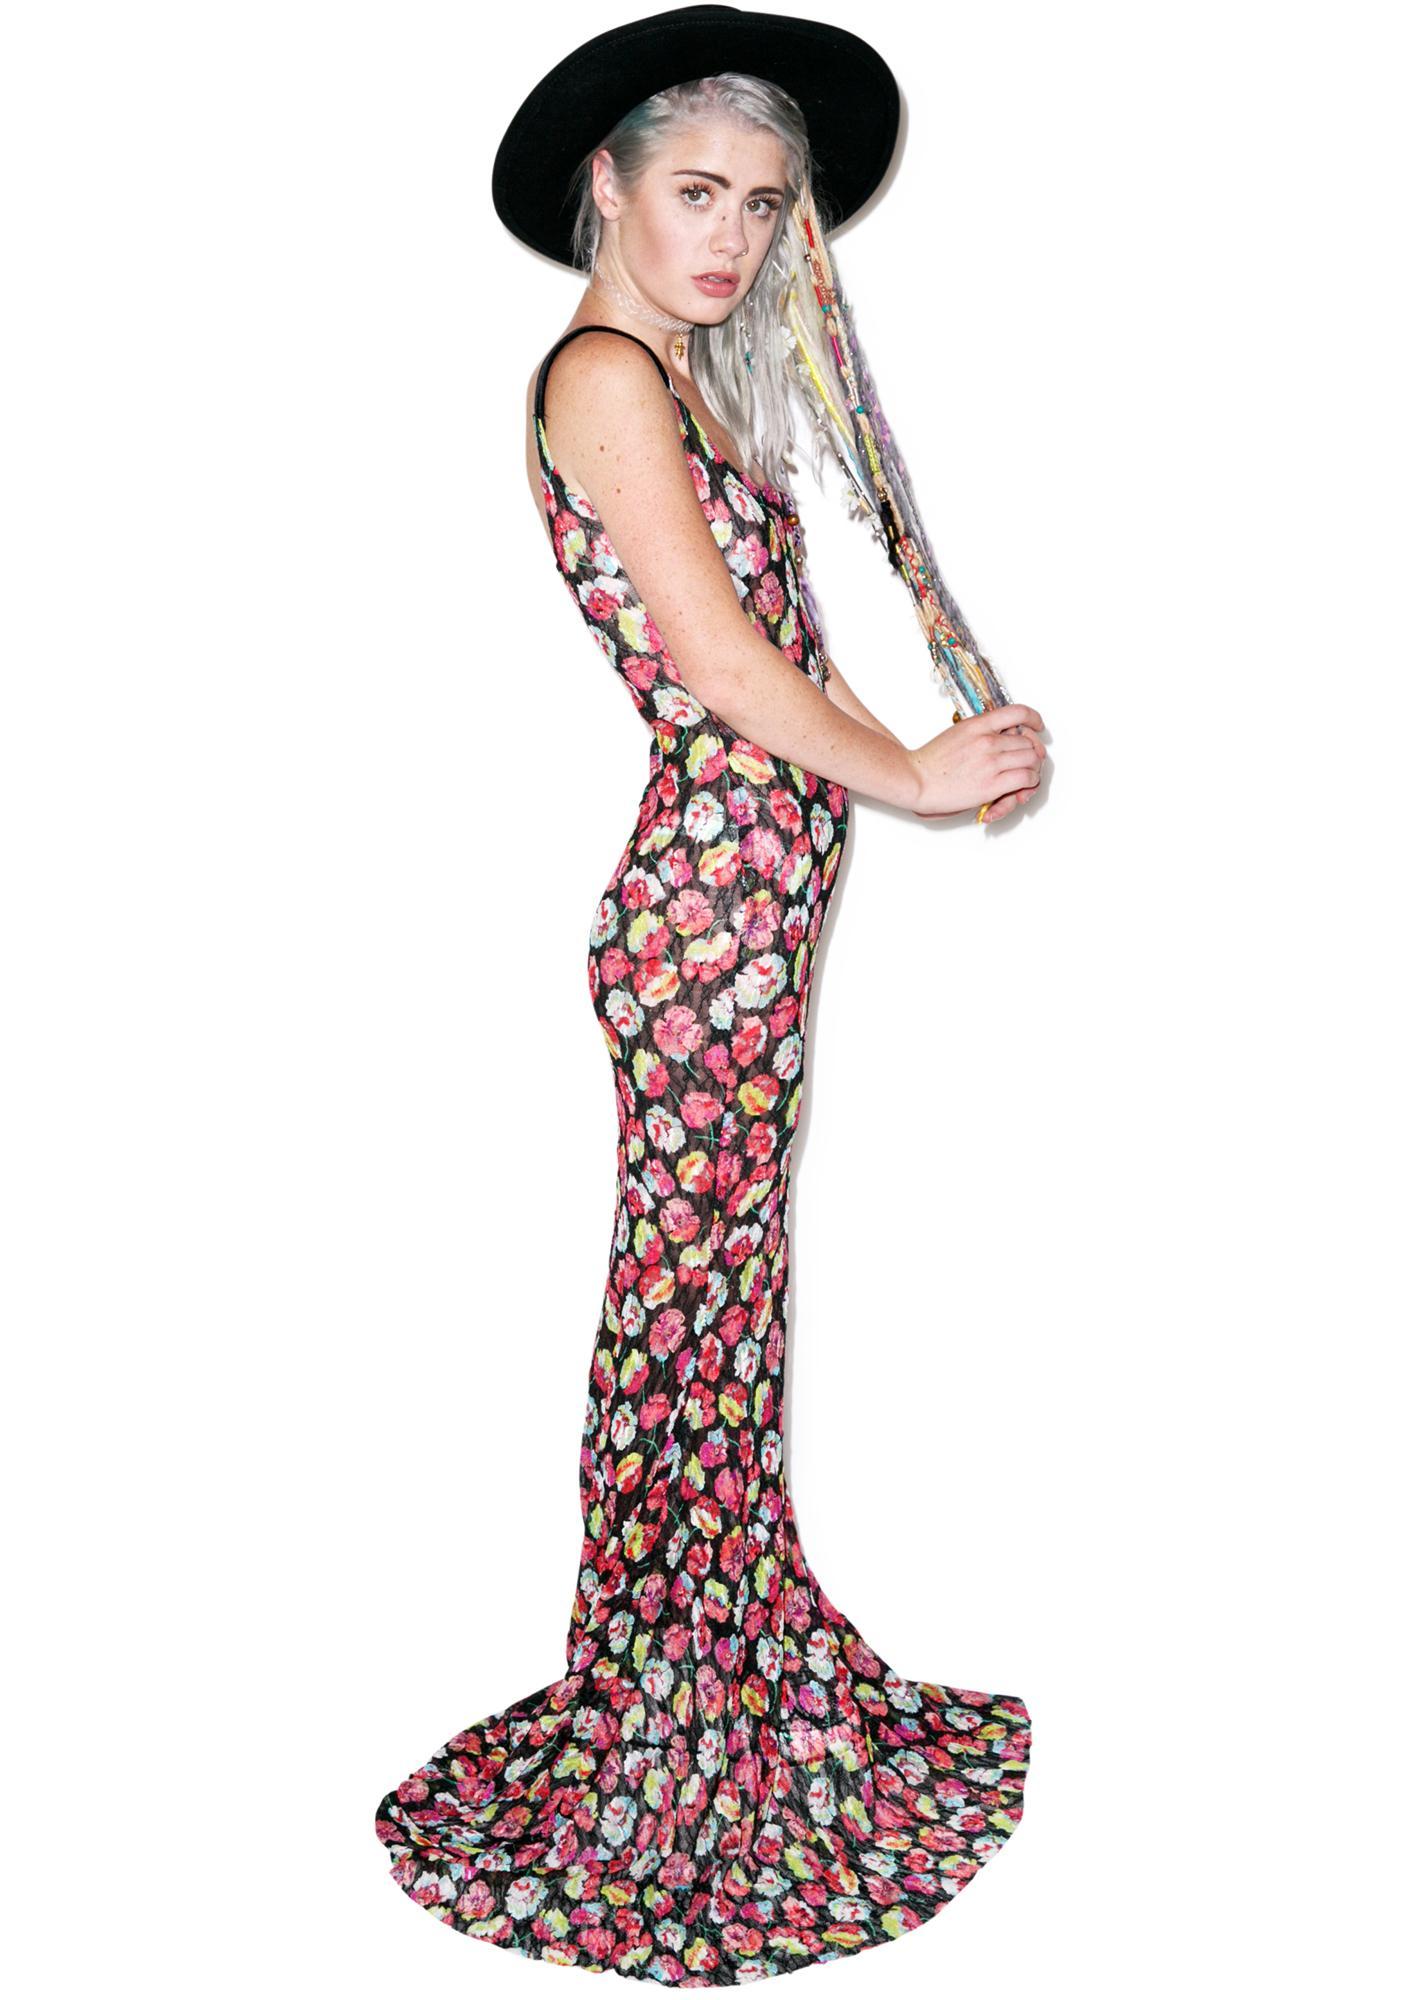 Mamadoux Le Freak, C'est Chic Maxi Dress